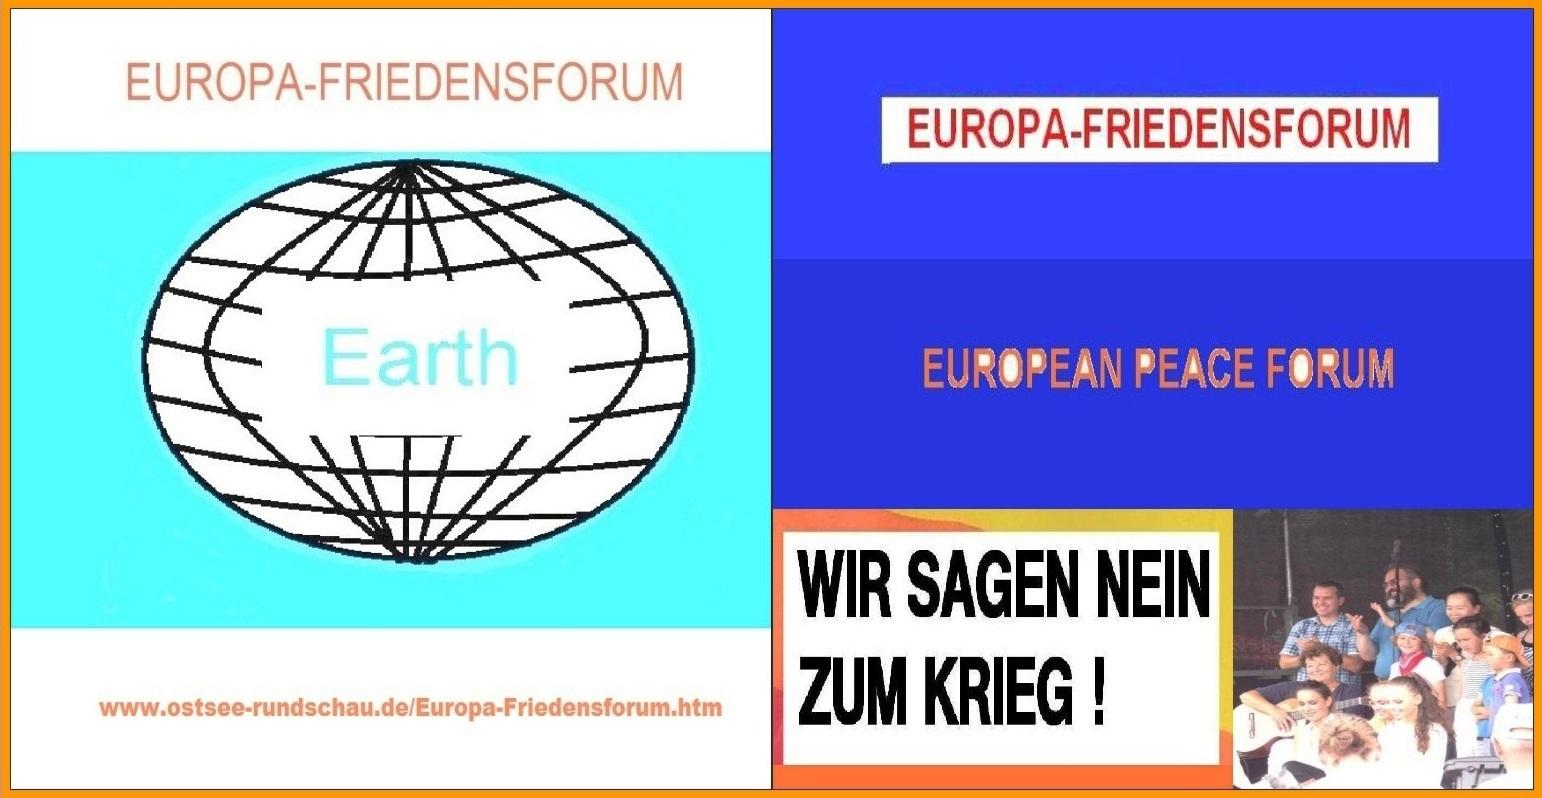 Europafriedensforum auf Ostsee-Rundschau.de - WIR SAGEN NEIN ZUM KRIEG! - Frieden und Abrüstung statt Konfrontation und Hochrüstung!